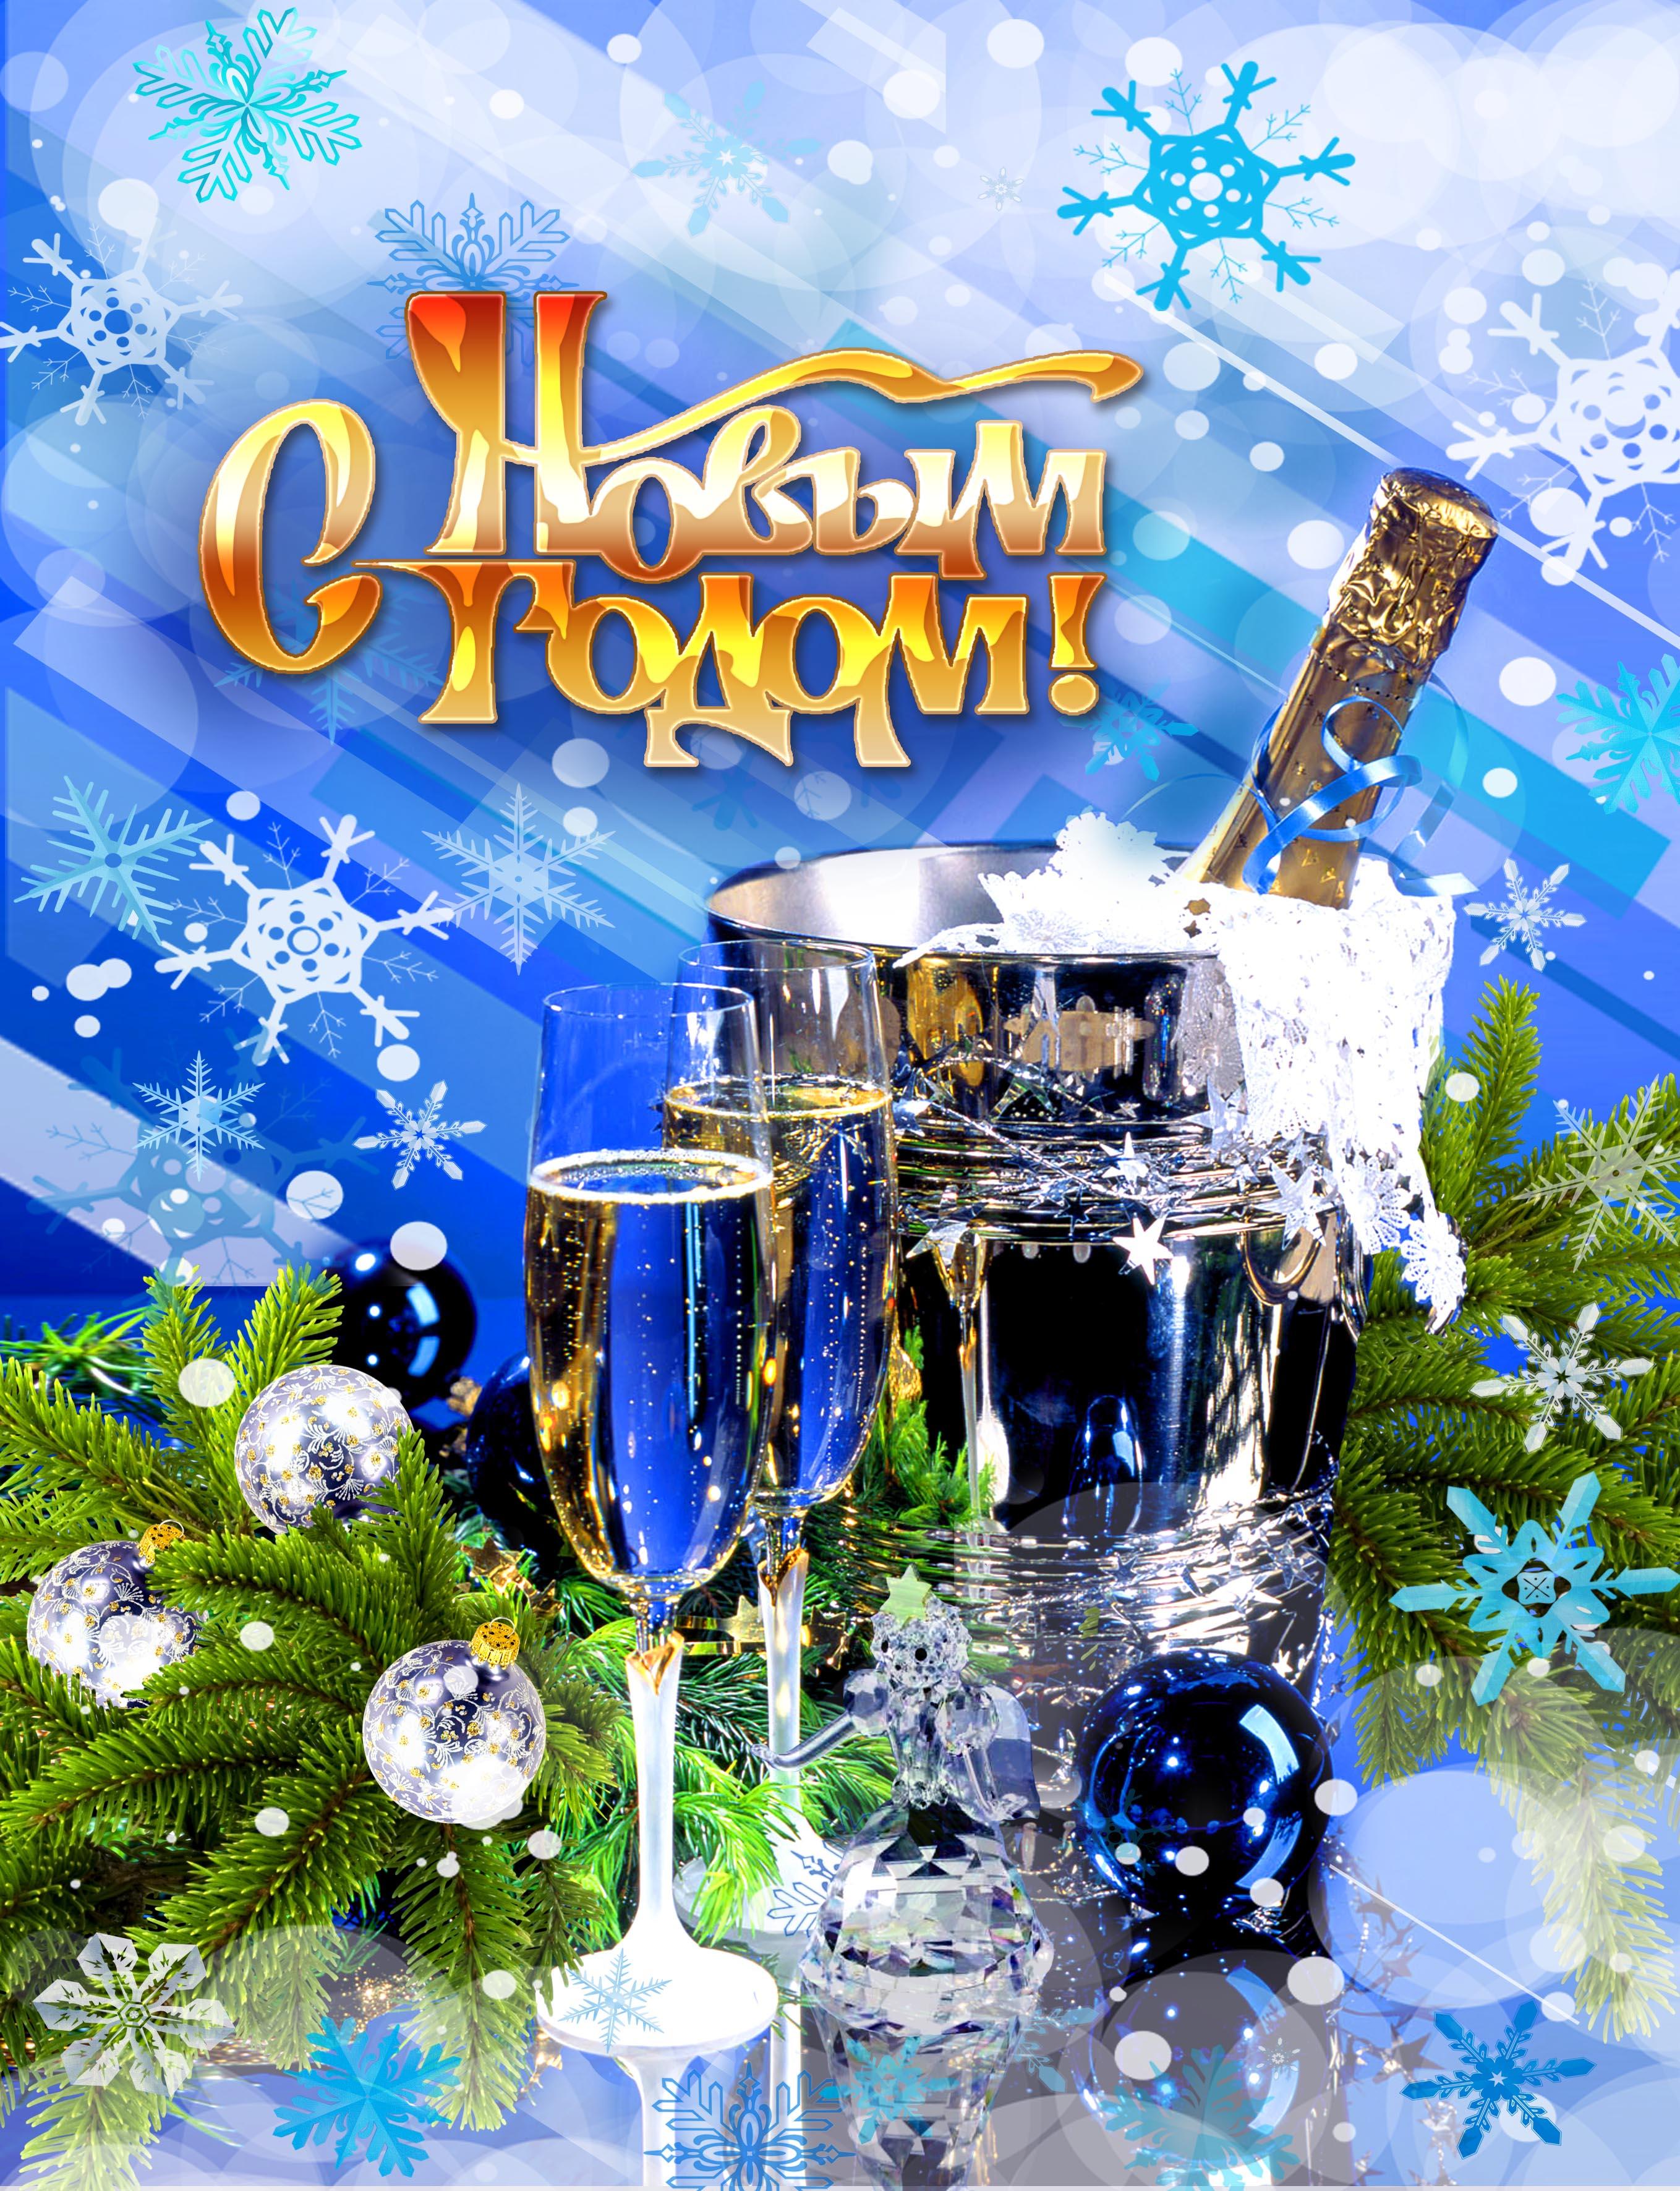 Сайт открытками новым годом